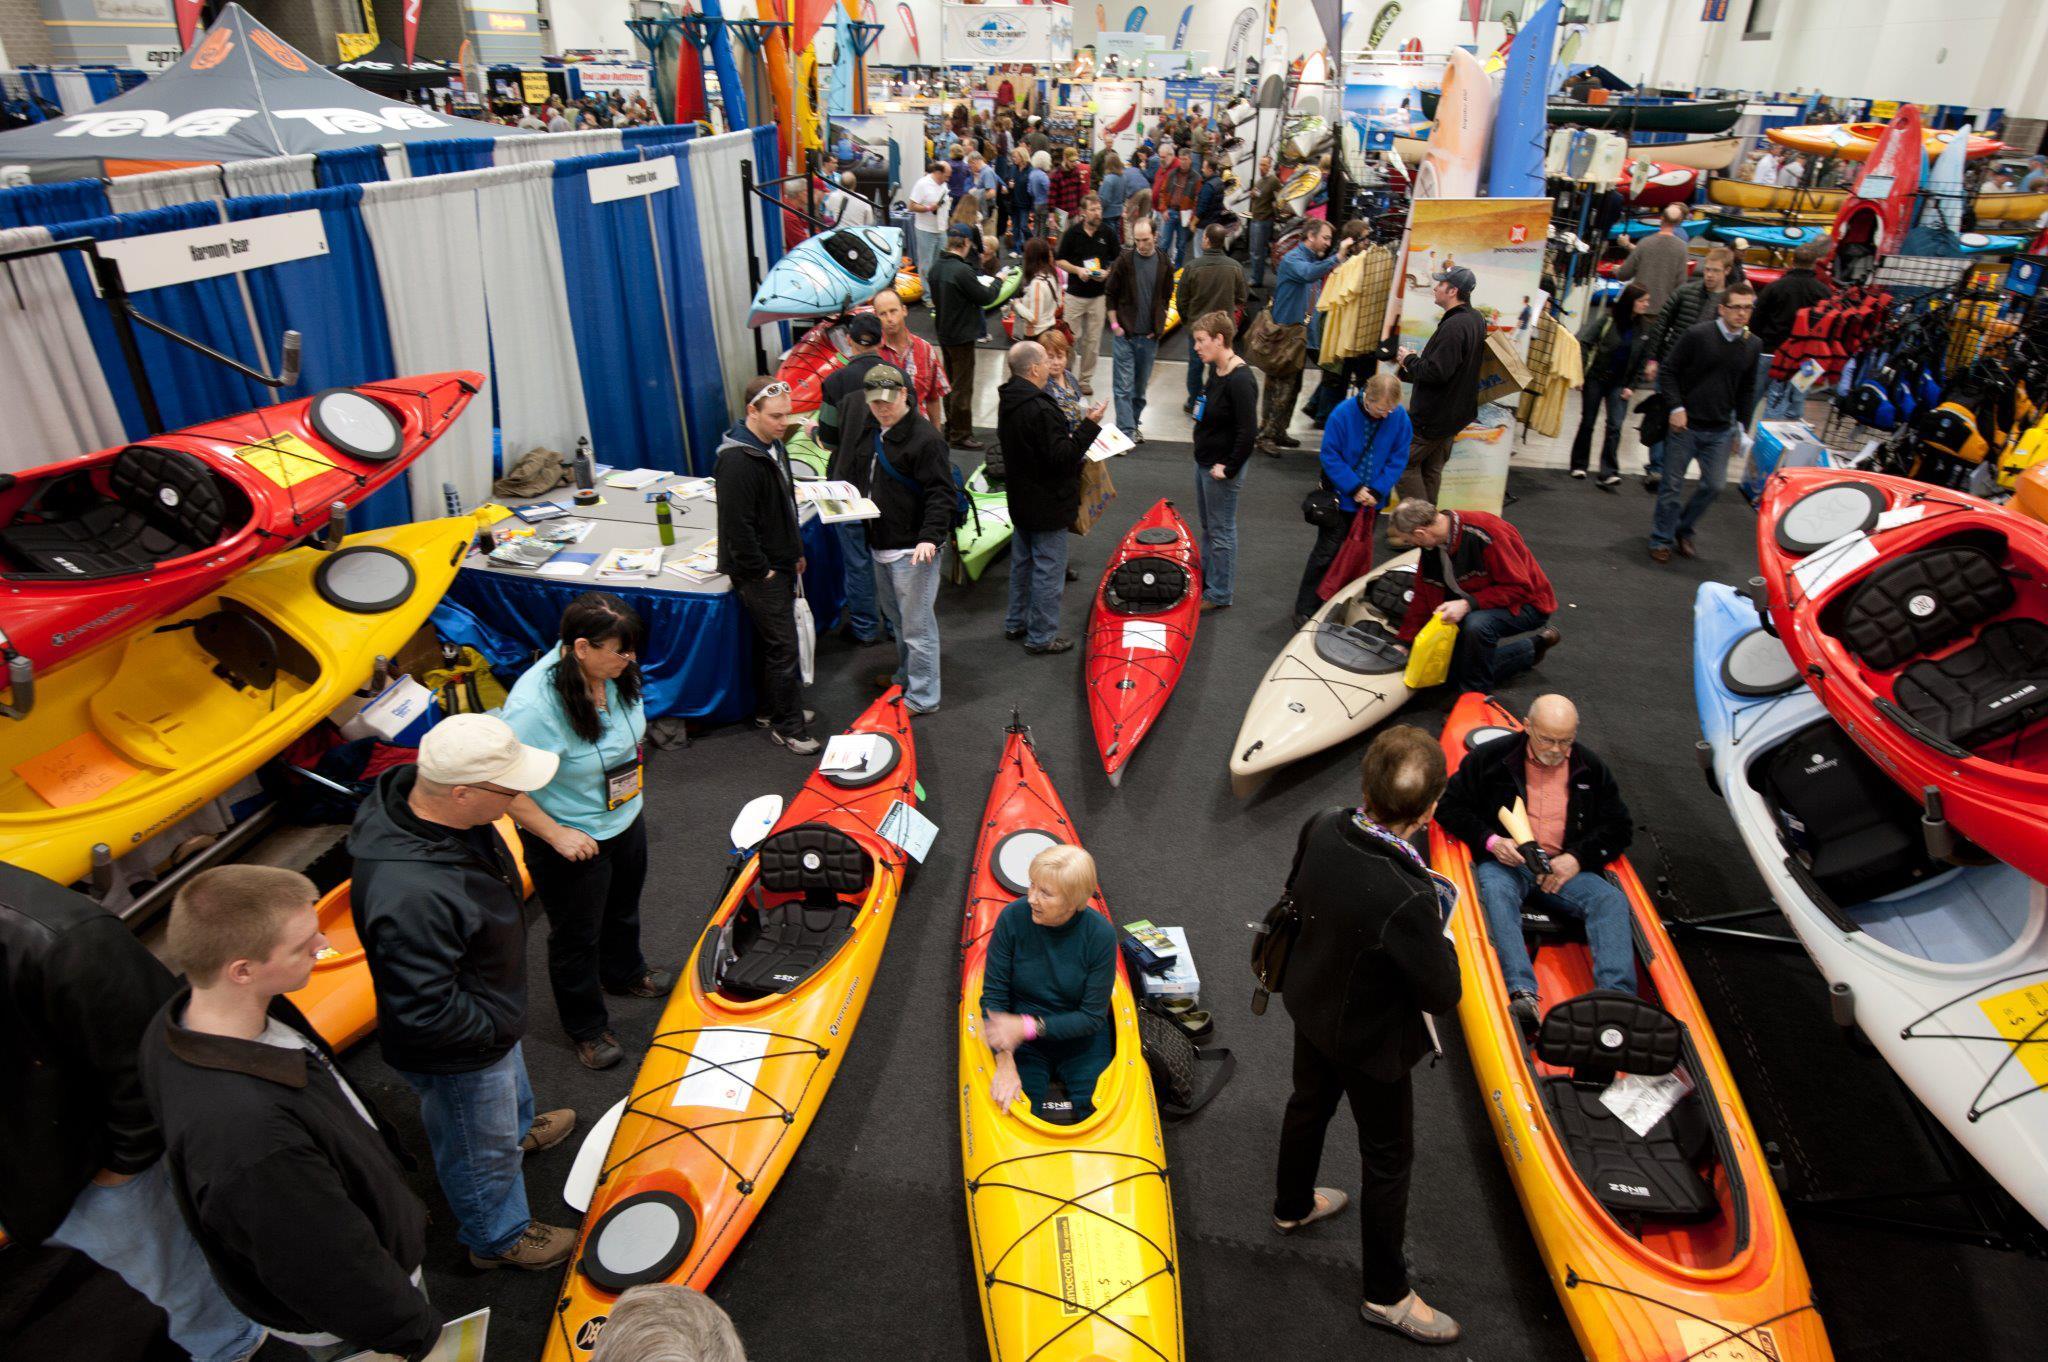 Kayaks on display